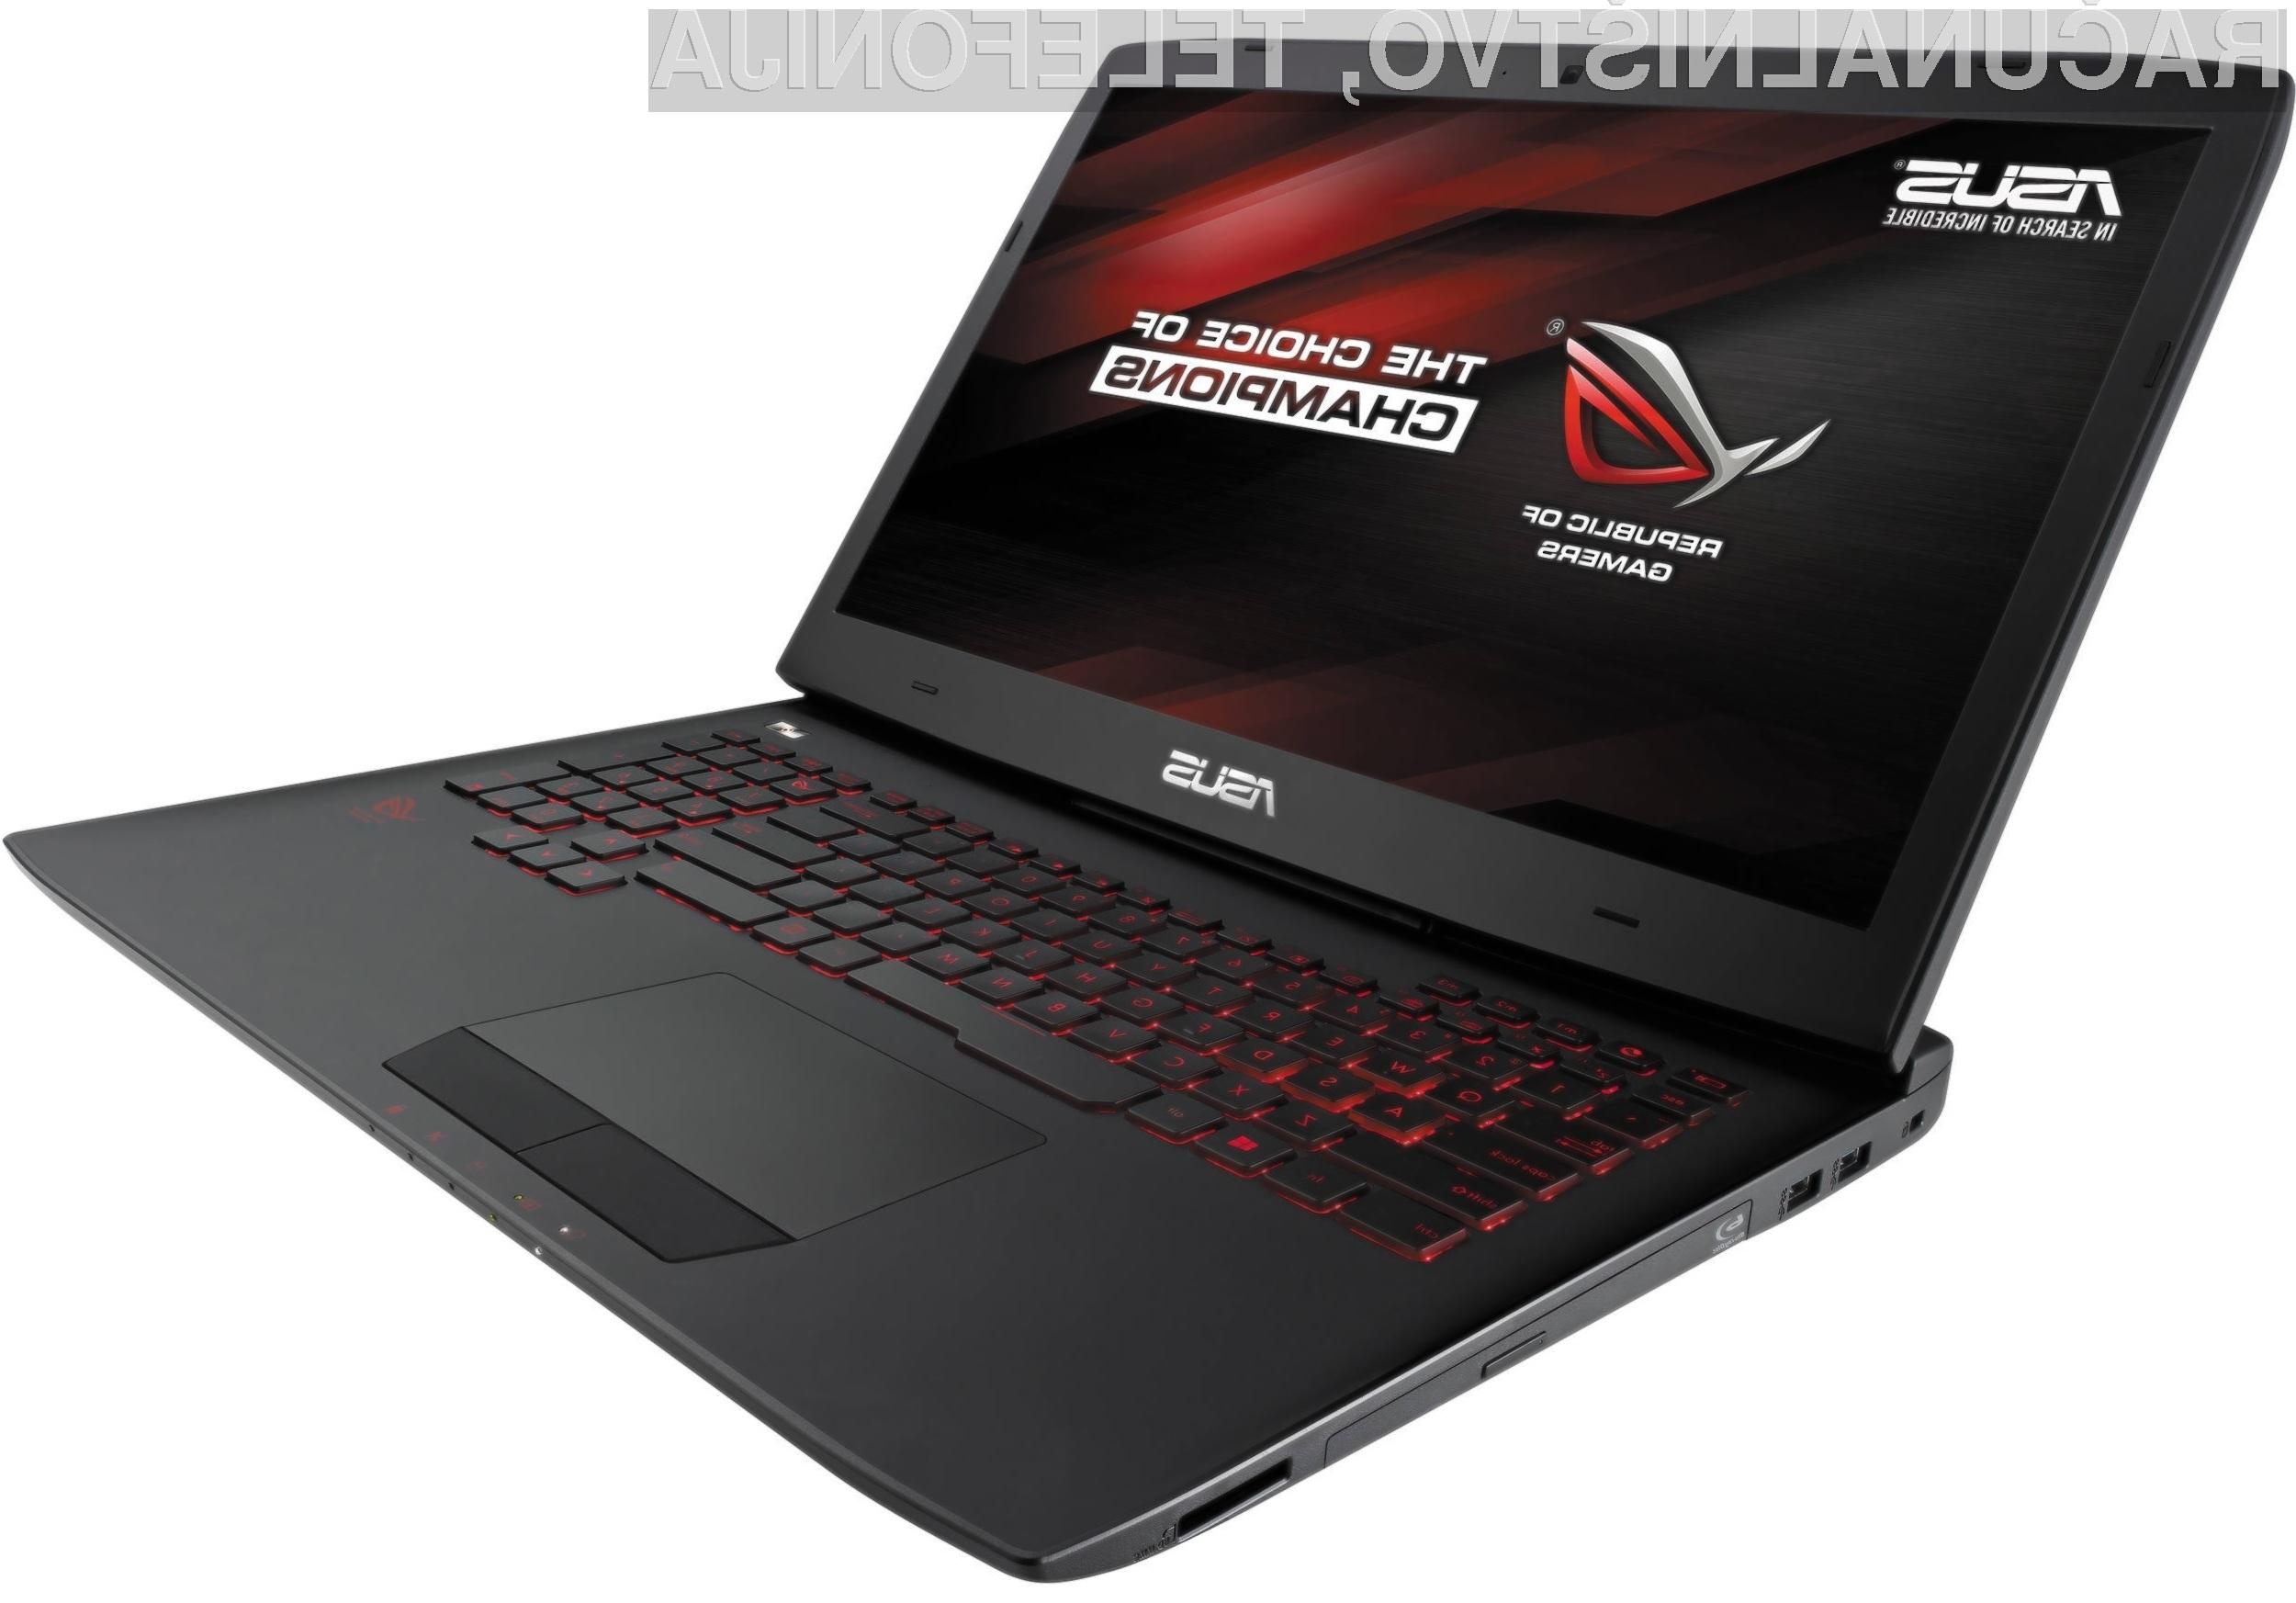 Procesorji AMD Ryzen naj bi bili pisani na kožo ljubiteljem računalniških iger!